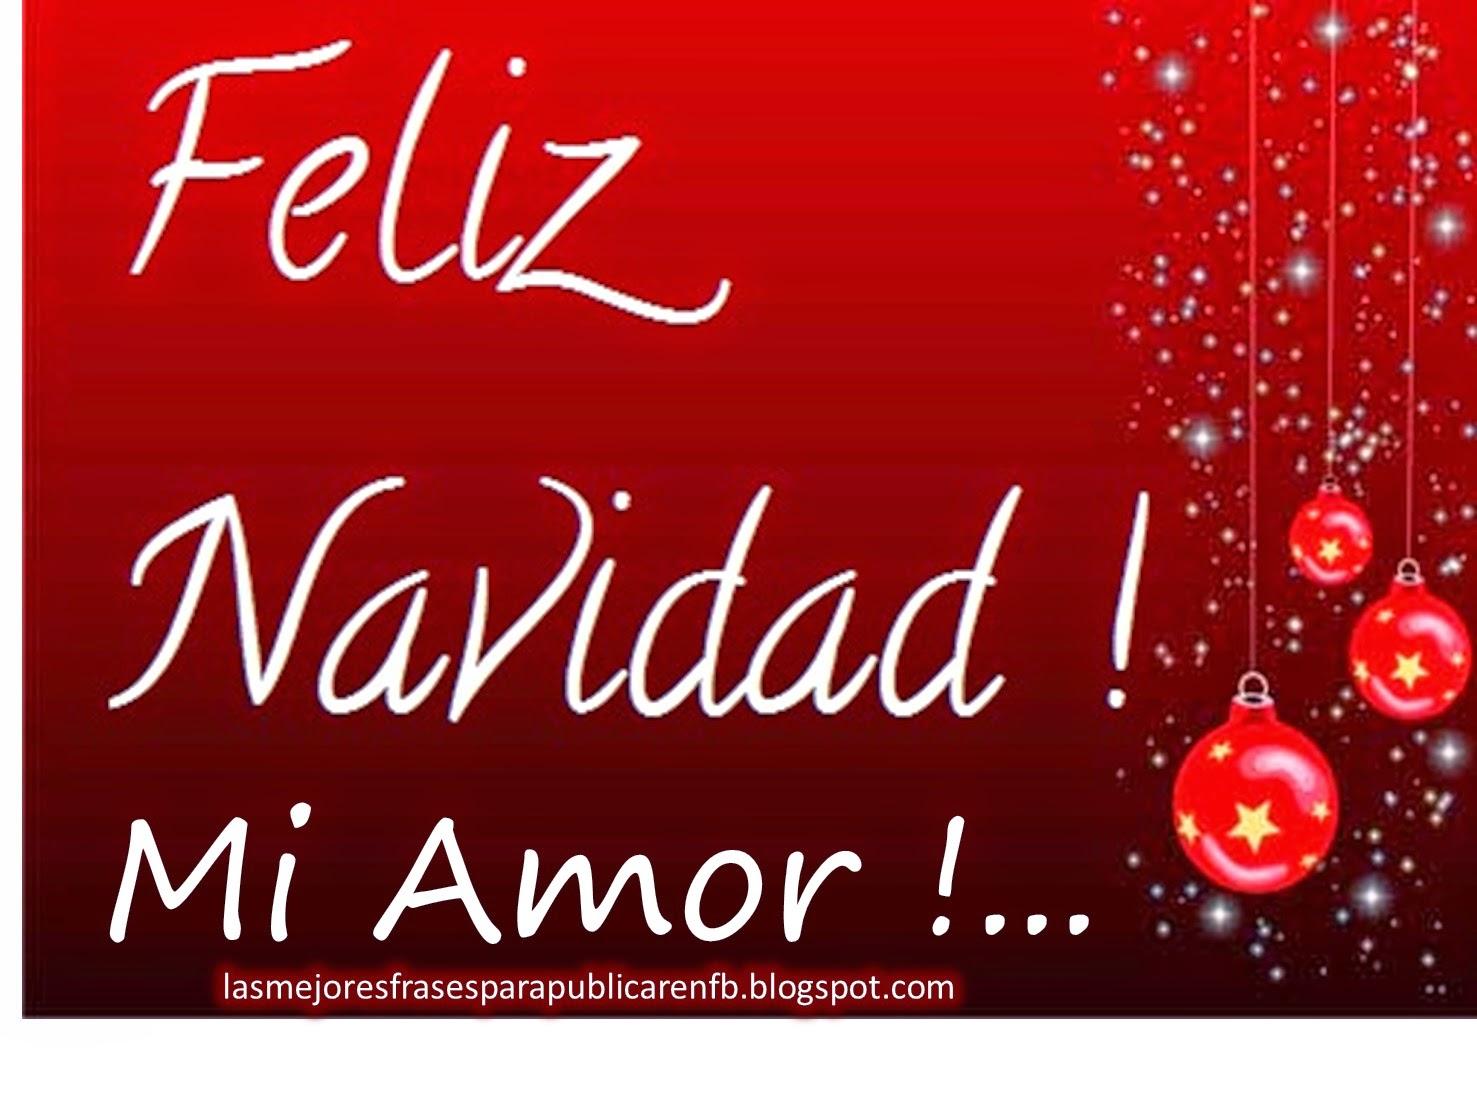 Frases De Navidad: Feliz Navidad Mi Amor